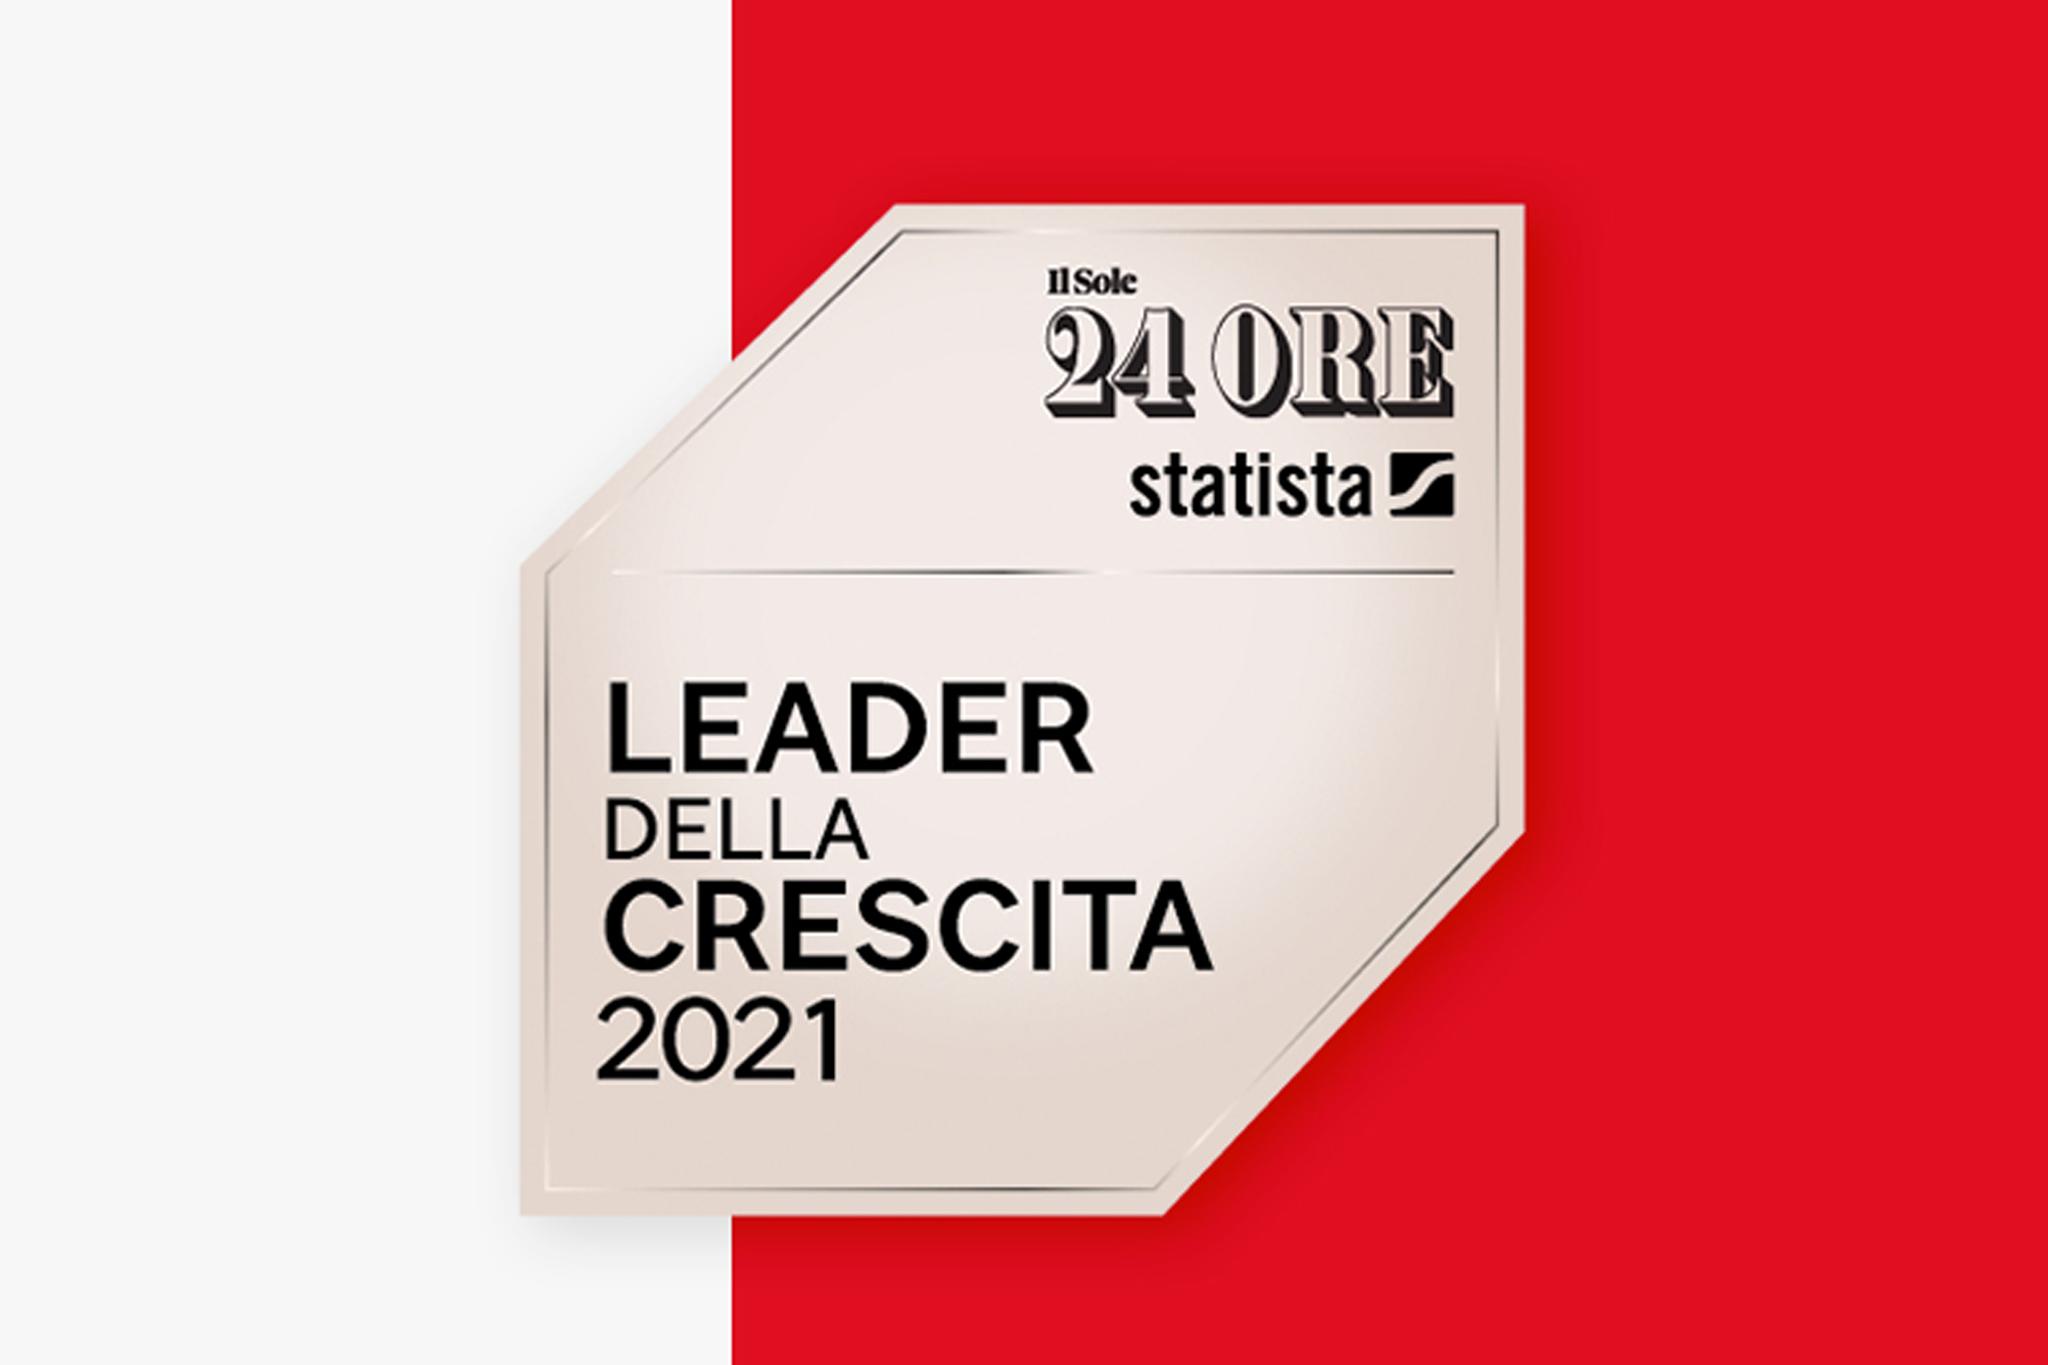 Inrete Leader della Crescita 2021